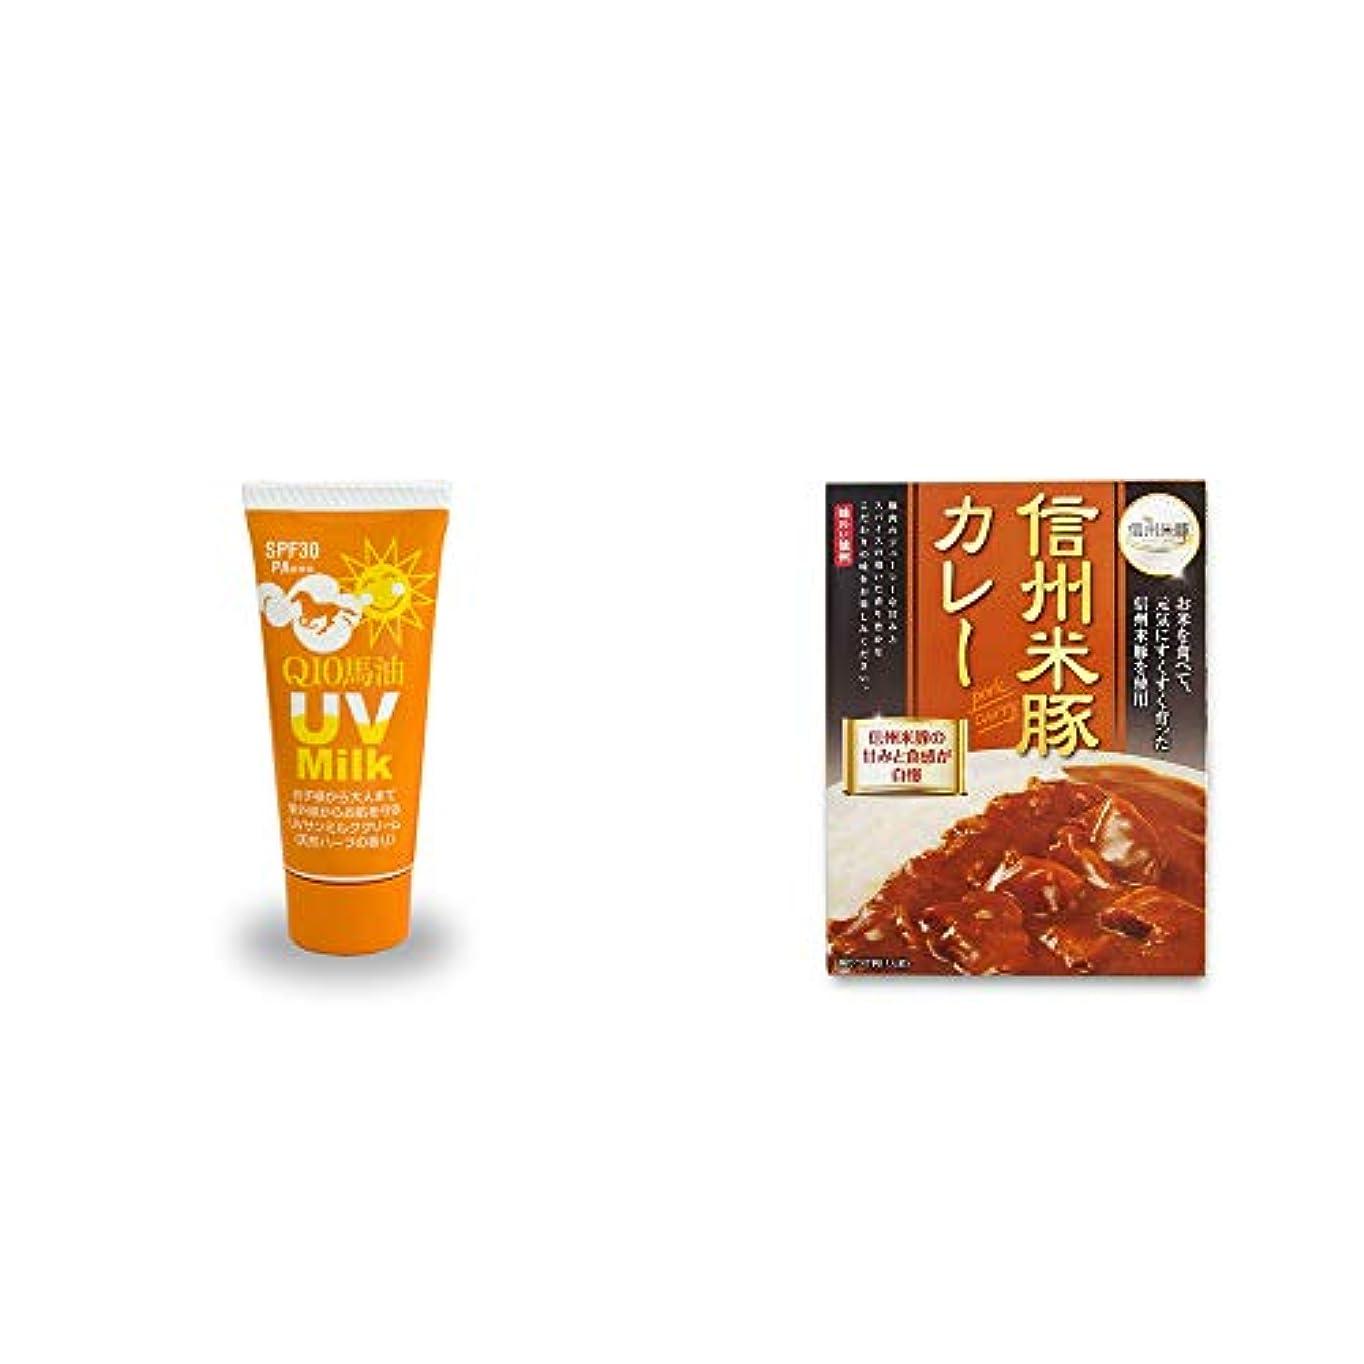 うつ炭水化物怠感[2点セット] 炭黒泉 Q10馬油 UVサンミルク[天然ハーブ](40g)?信州米豚カレー(1食分)